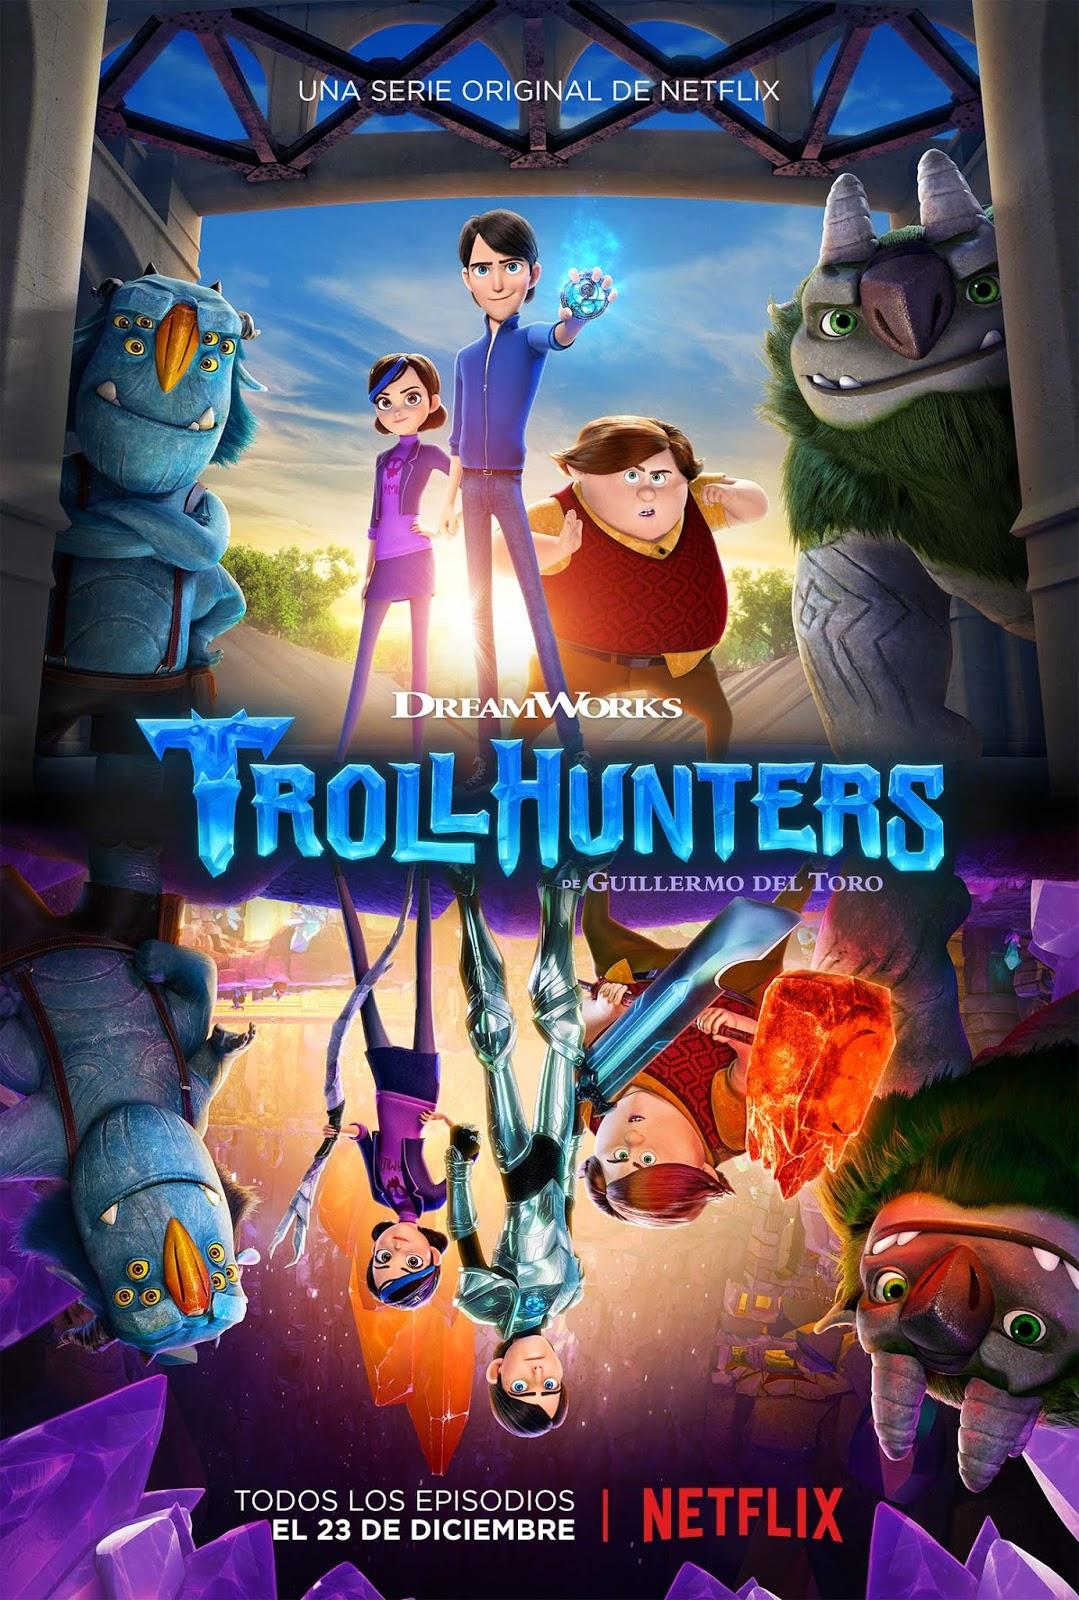 Tráiler y póster oficial de 'Trollhunters', la nueva producción de animación de Netflix